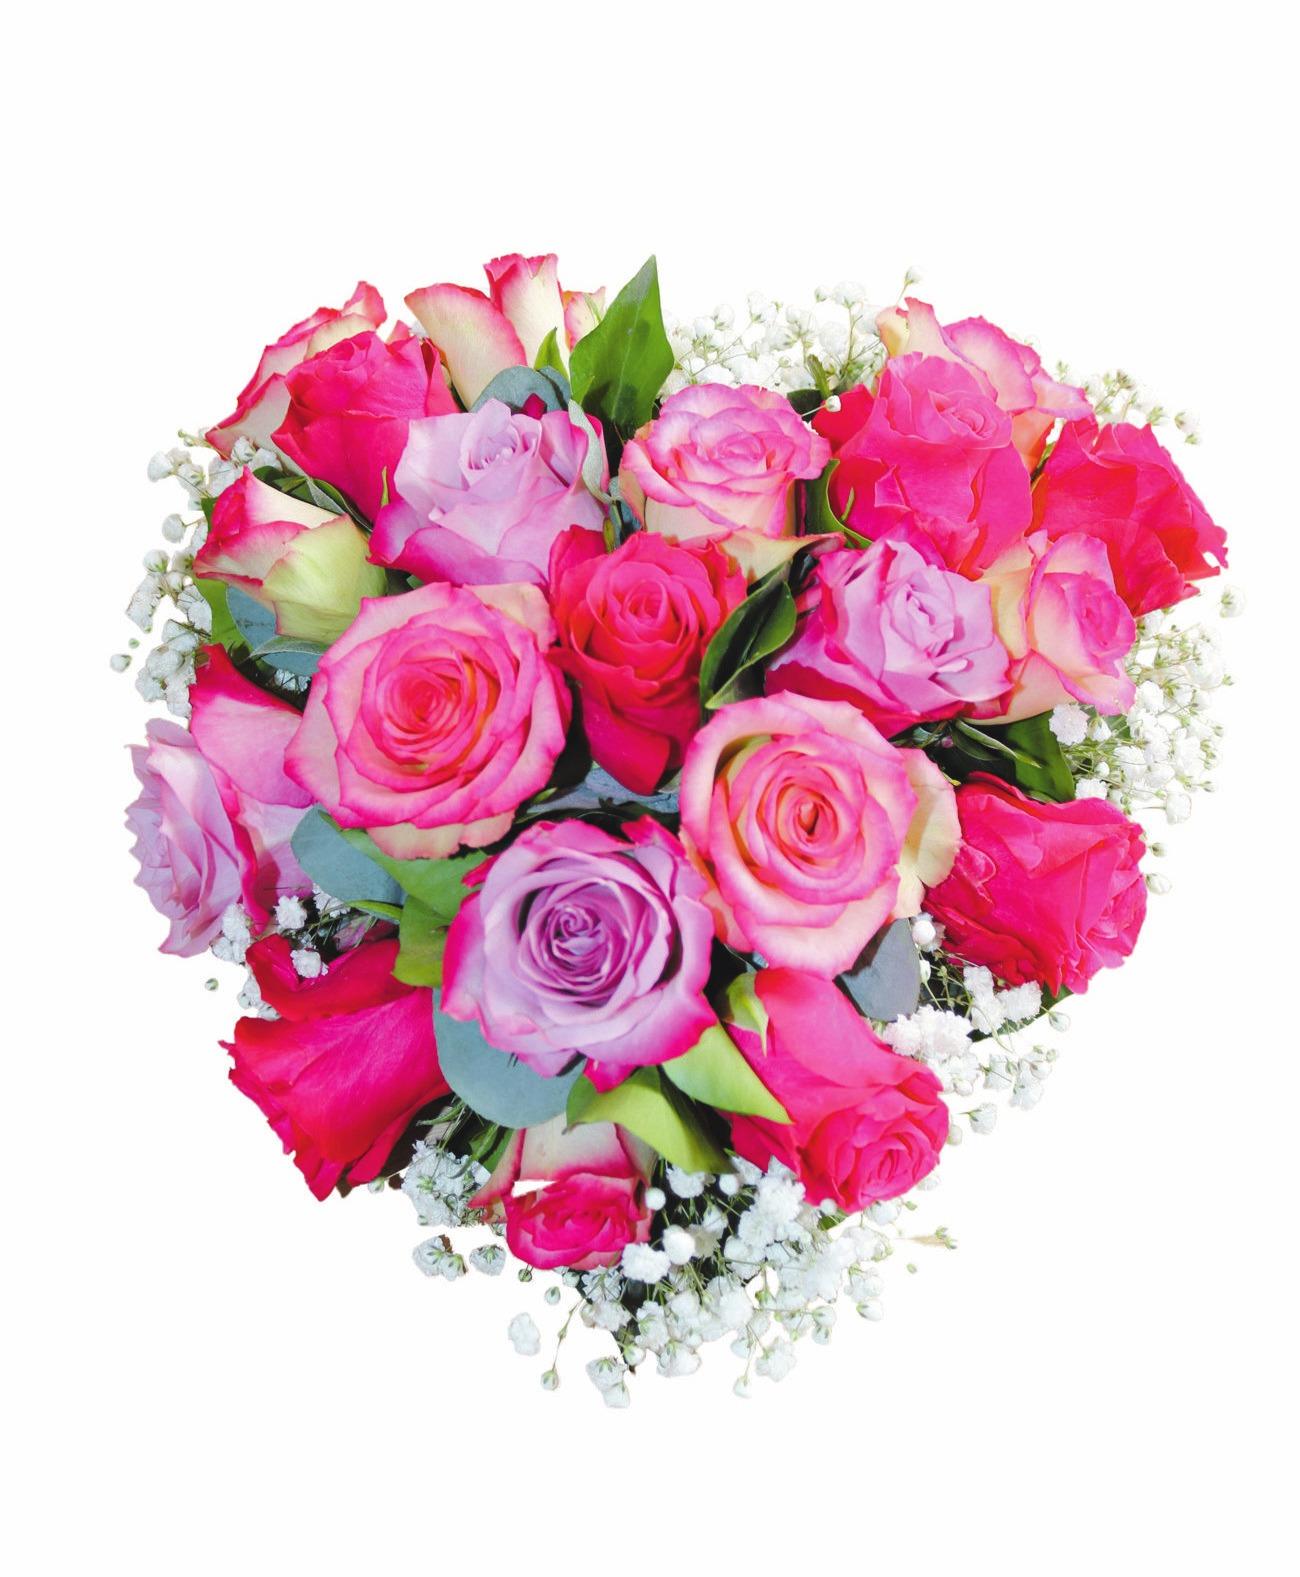 Beliebter Blumengruß Image 1